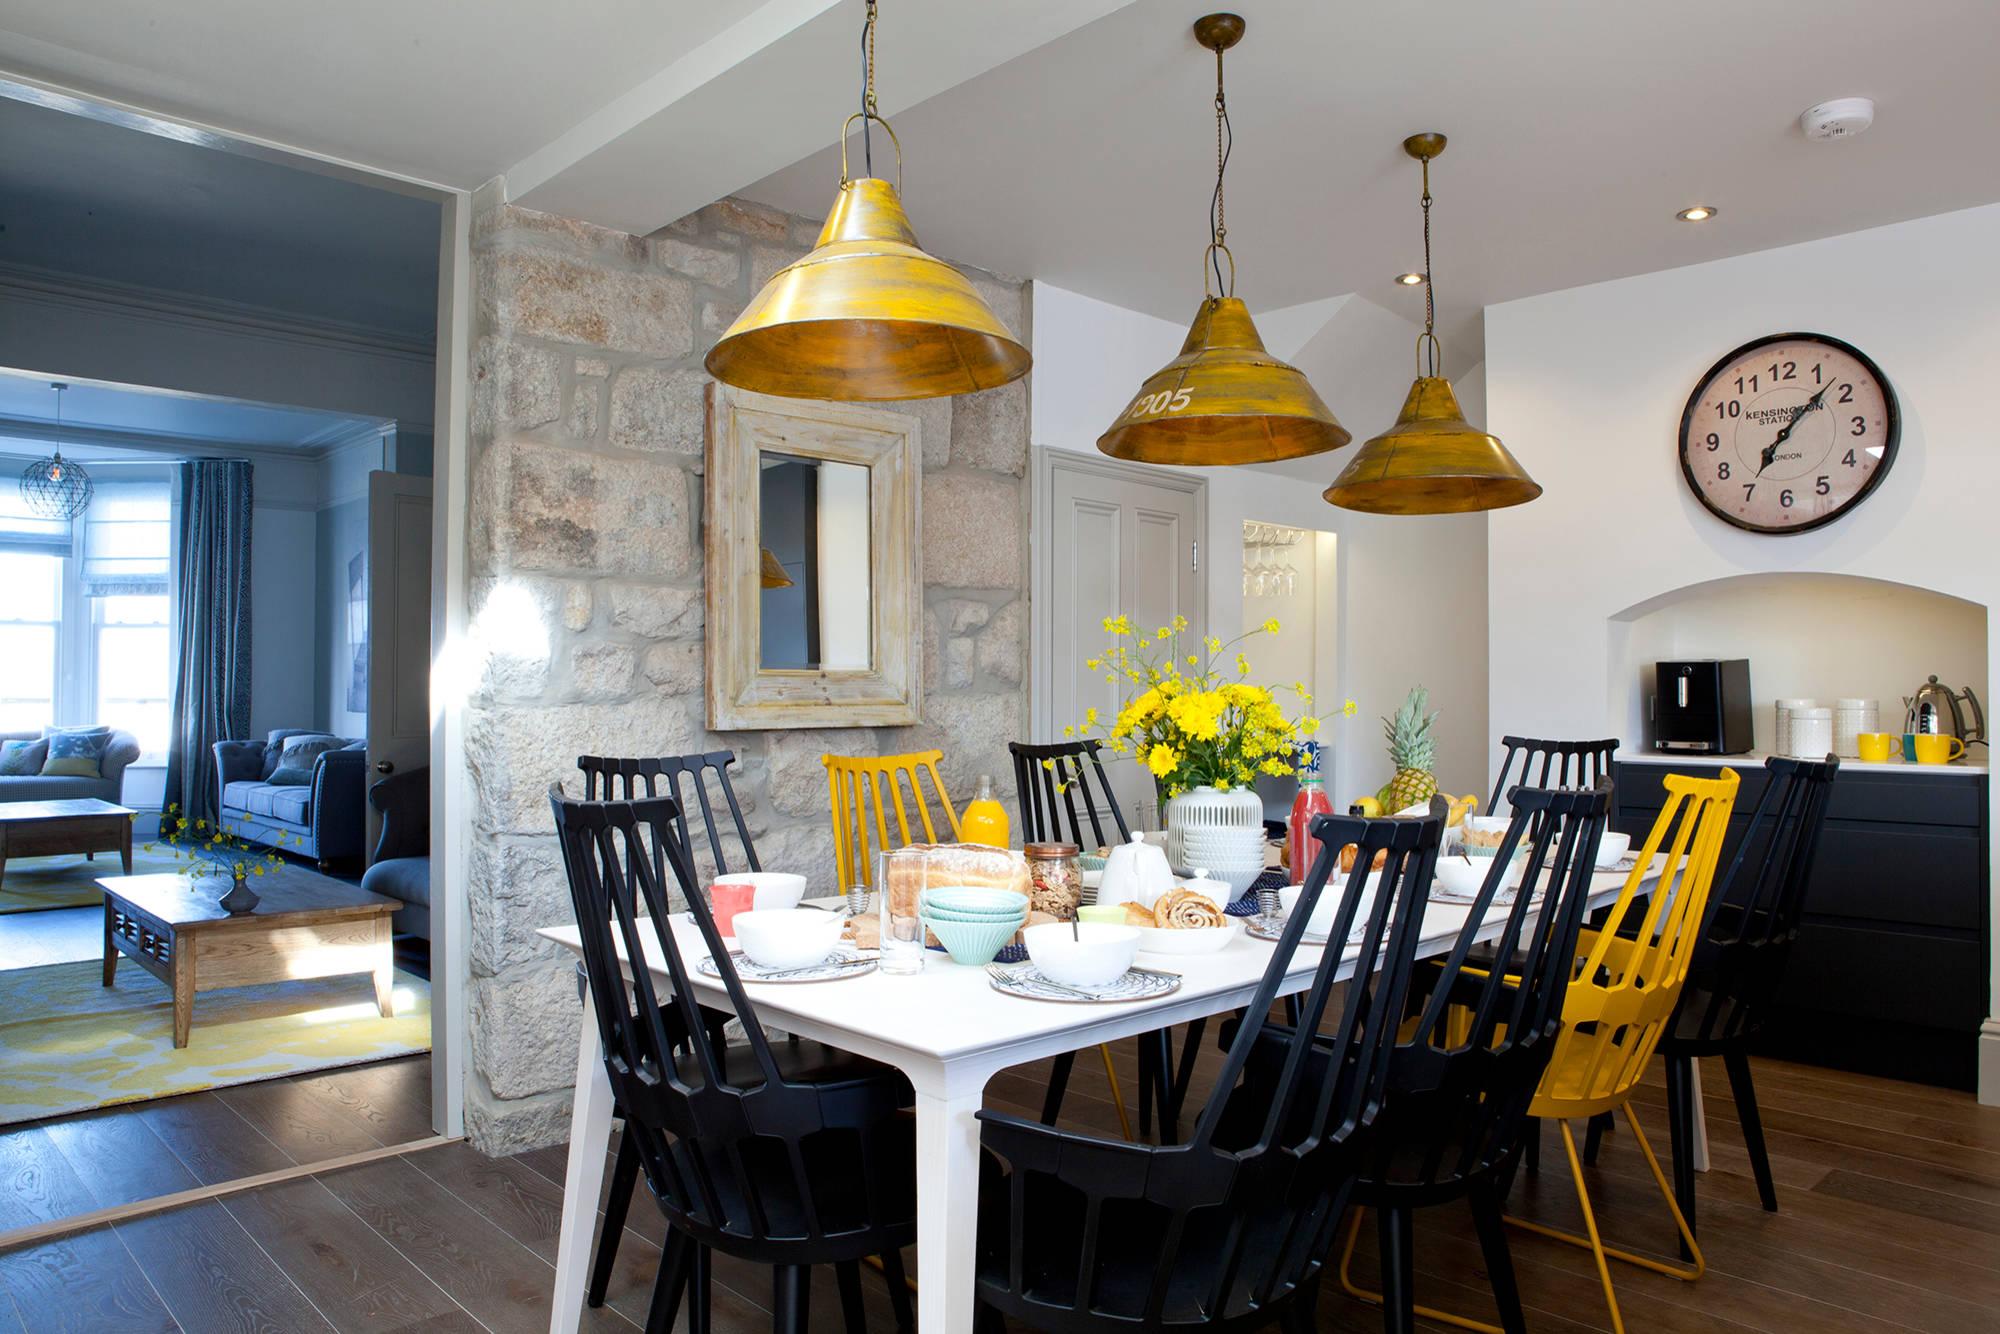 Une belle combinaison de jaune et de noir dans le design de la salle à manger